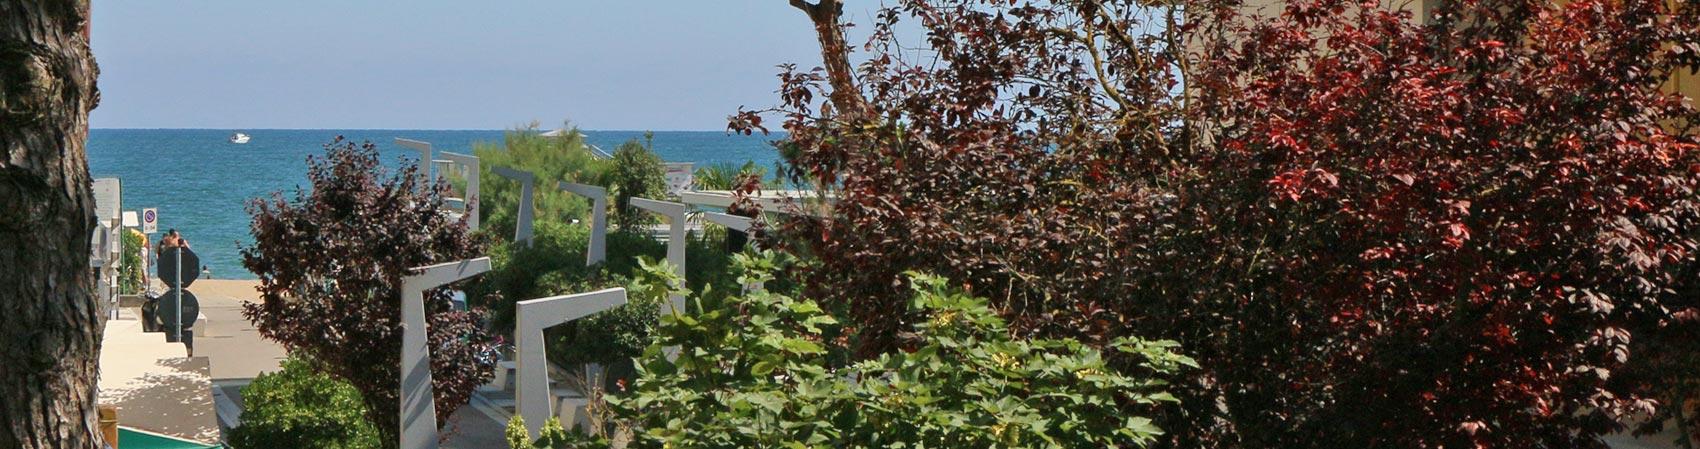 holel-jesolo-a-pochi-passi-dal-mare